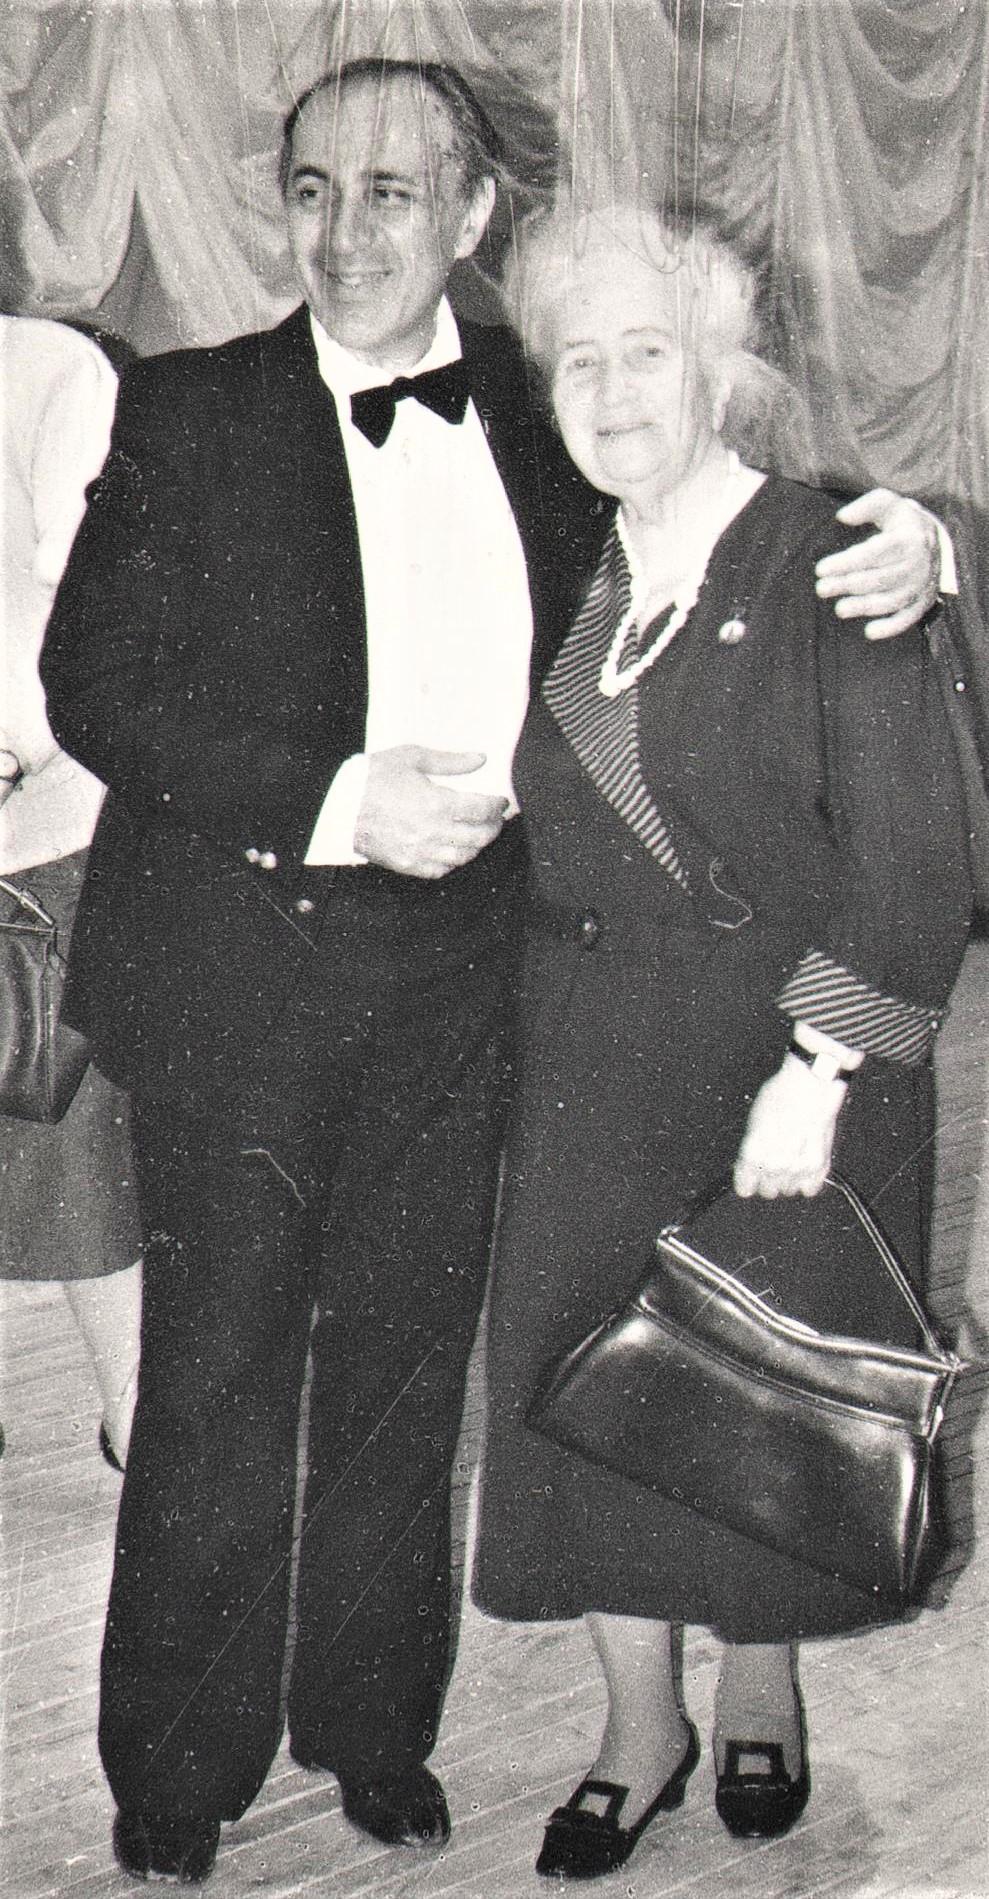 Варгина Т.П. и Штаркман Н. На концерте в честь 90-летия Татьяны Павловны. 1994 г. Фонды ЧИКМ.